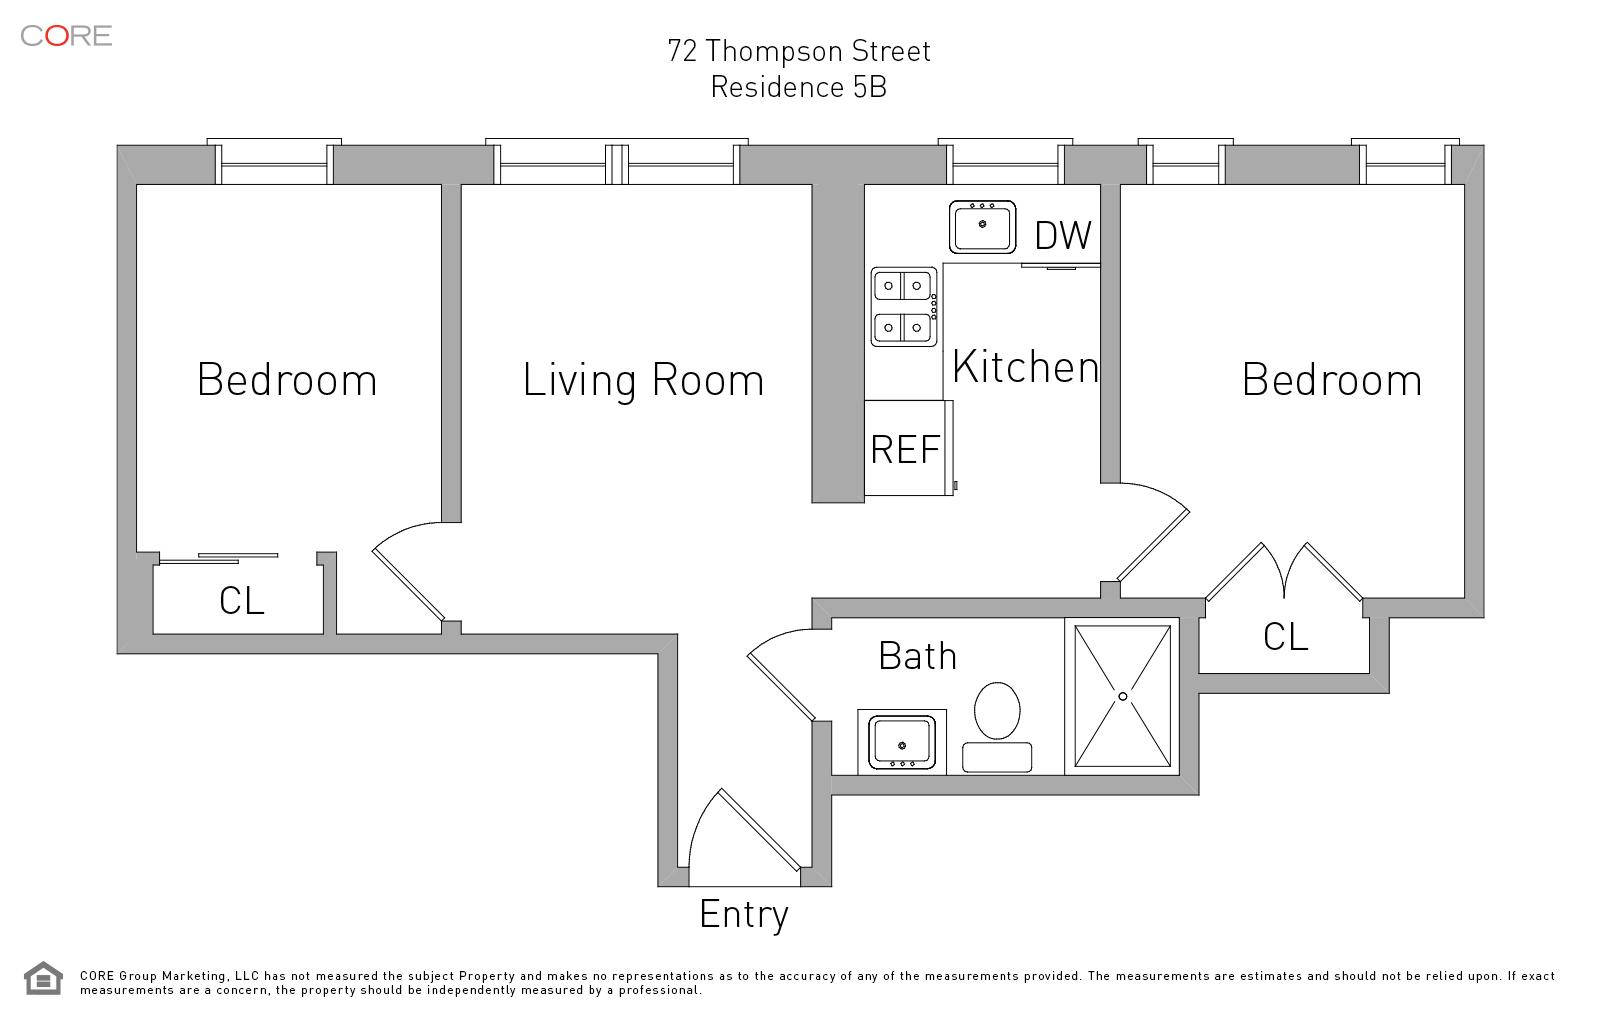 72 Thompson St. 5B, New York, NY 10012